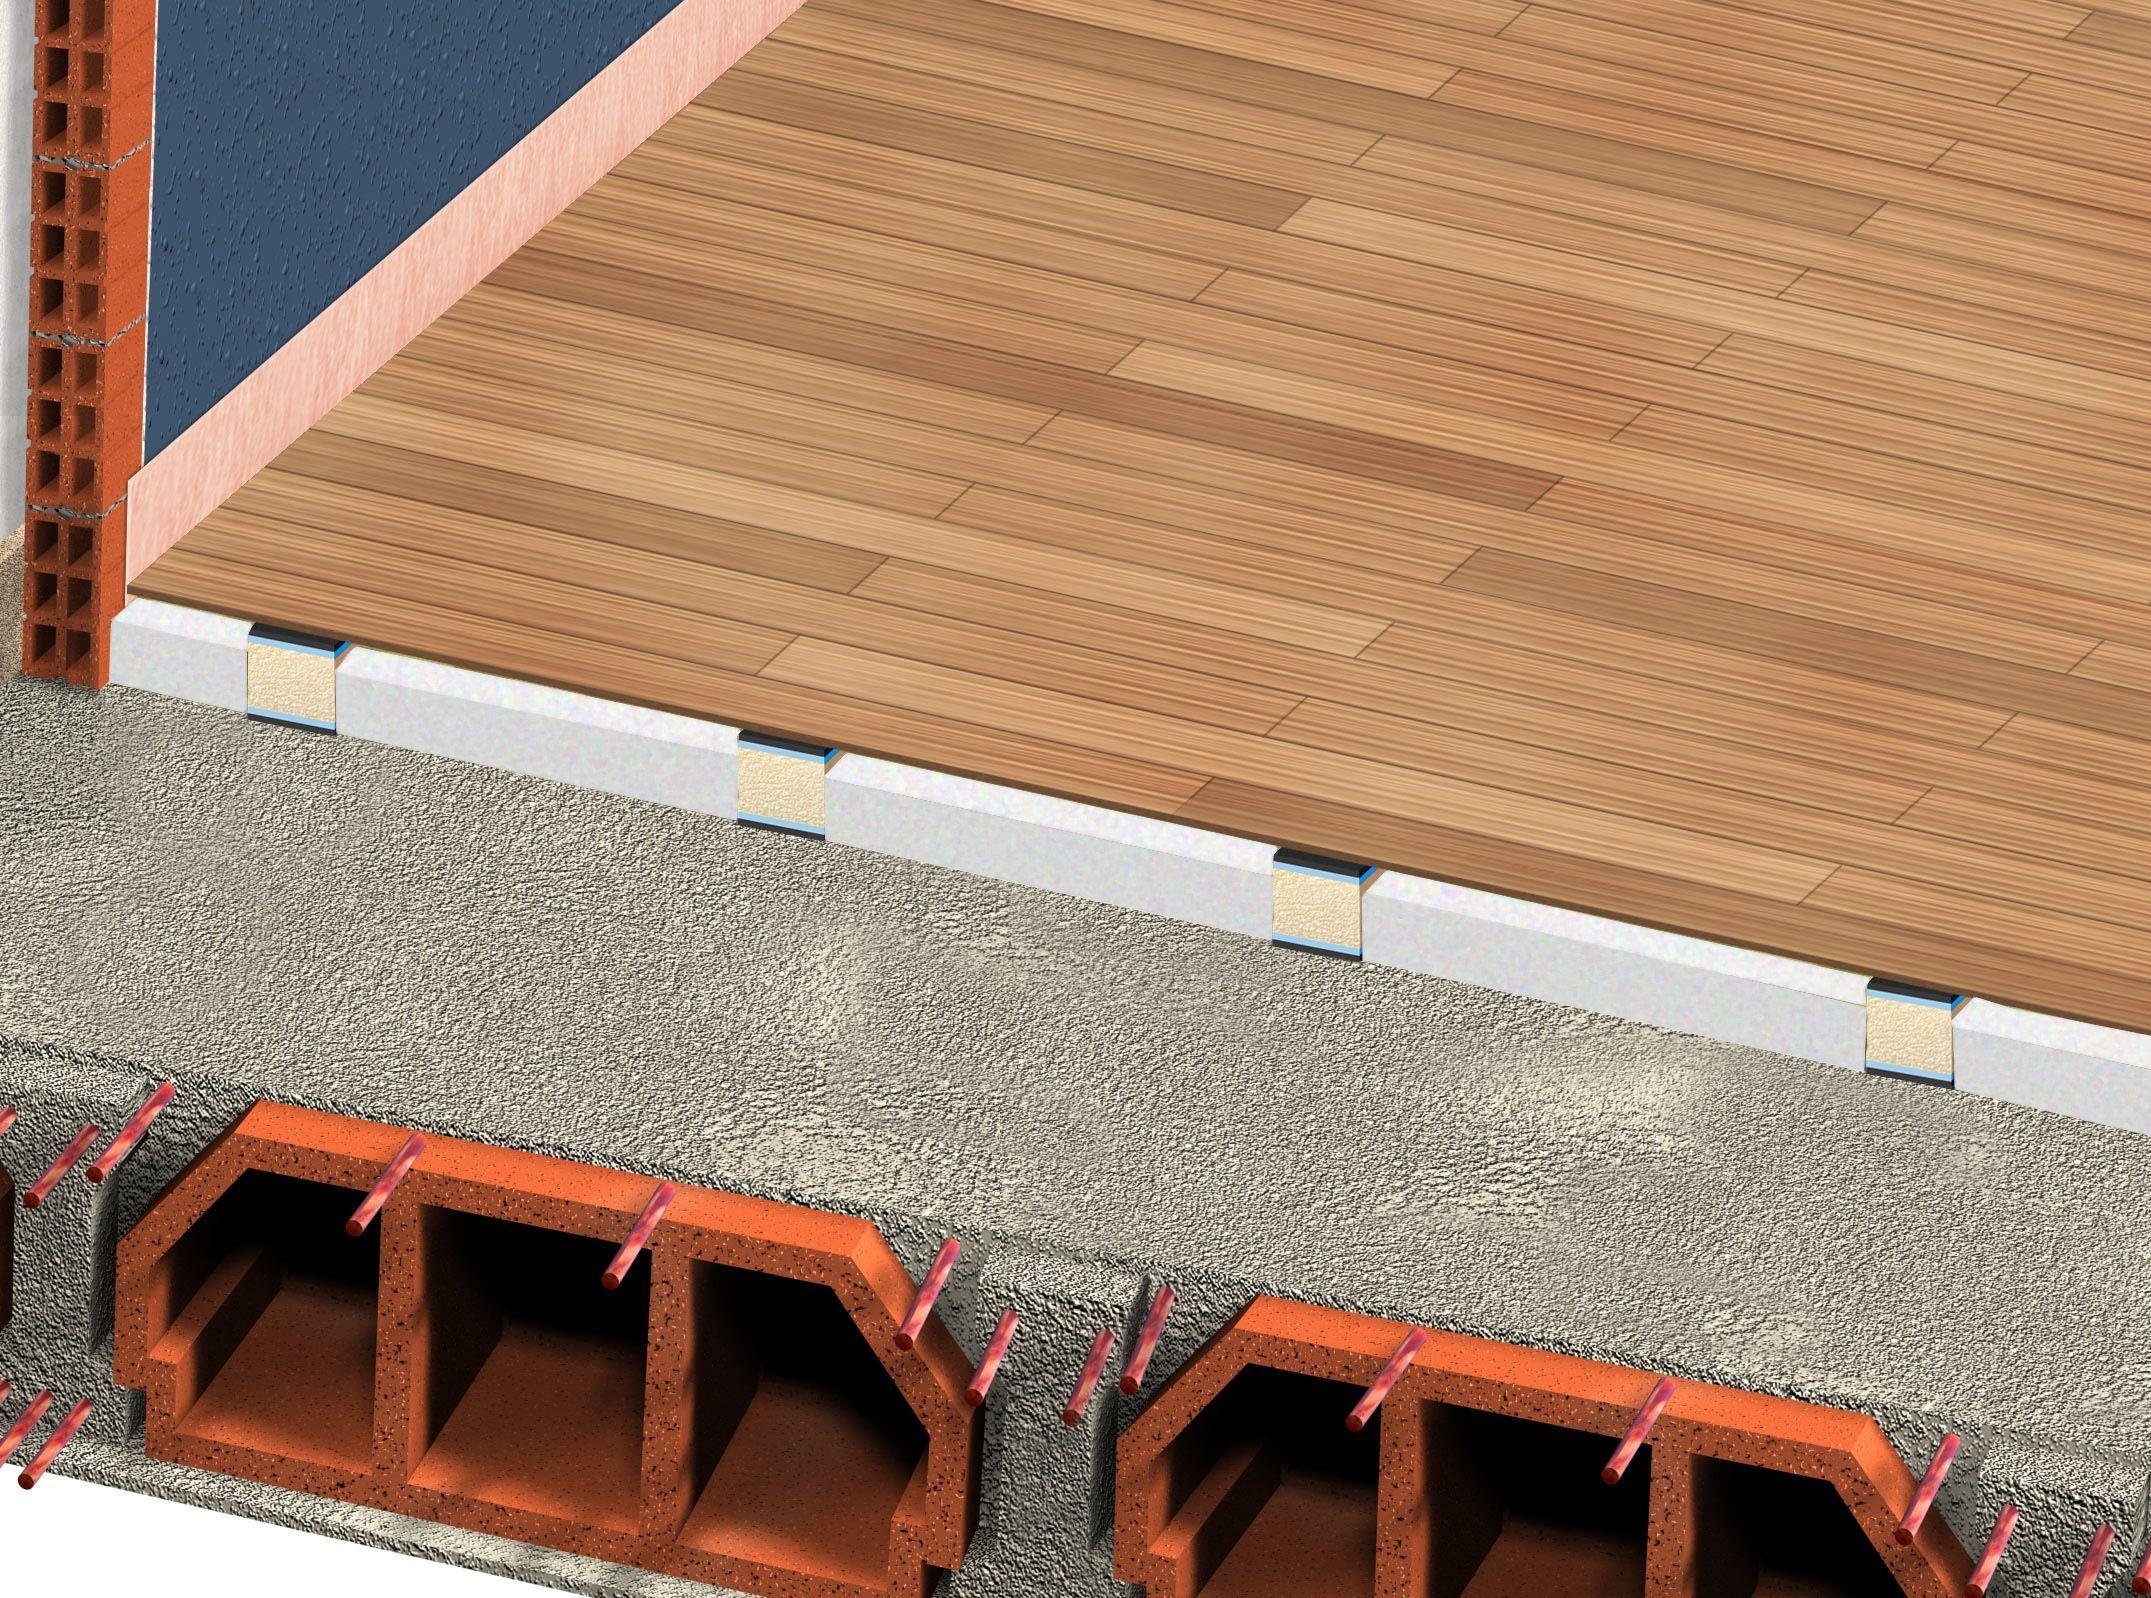 aislamiento-acustico-suelos-sistema2-R7